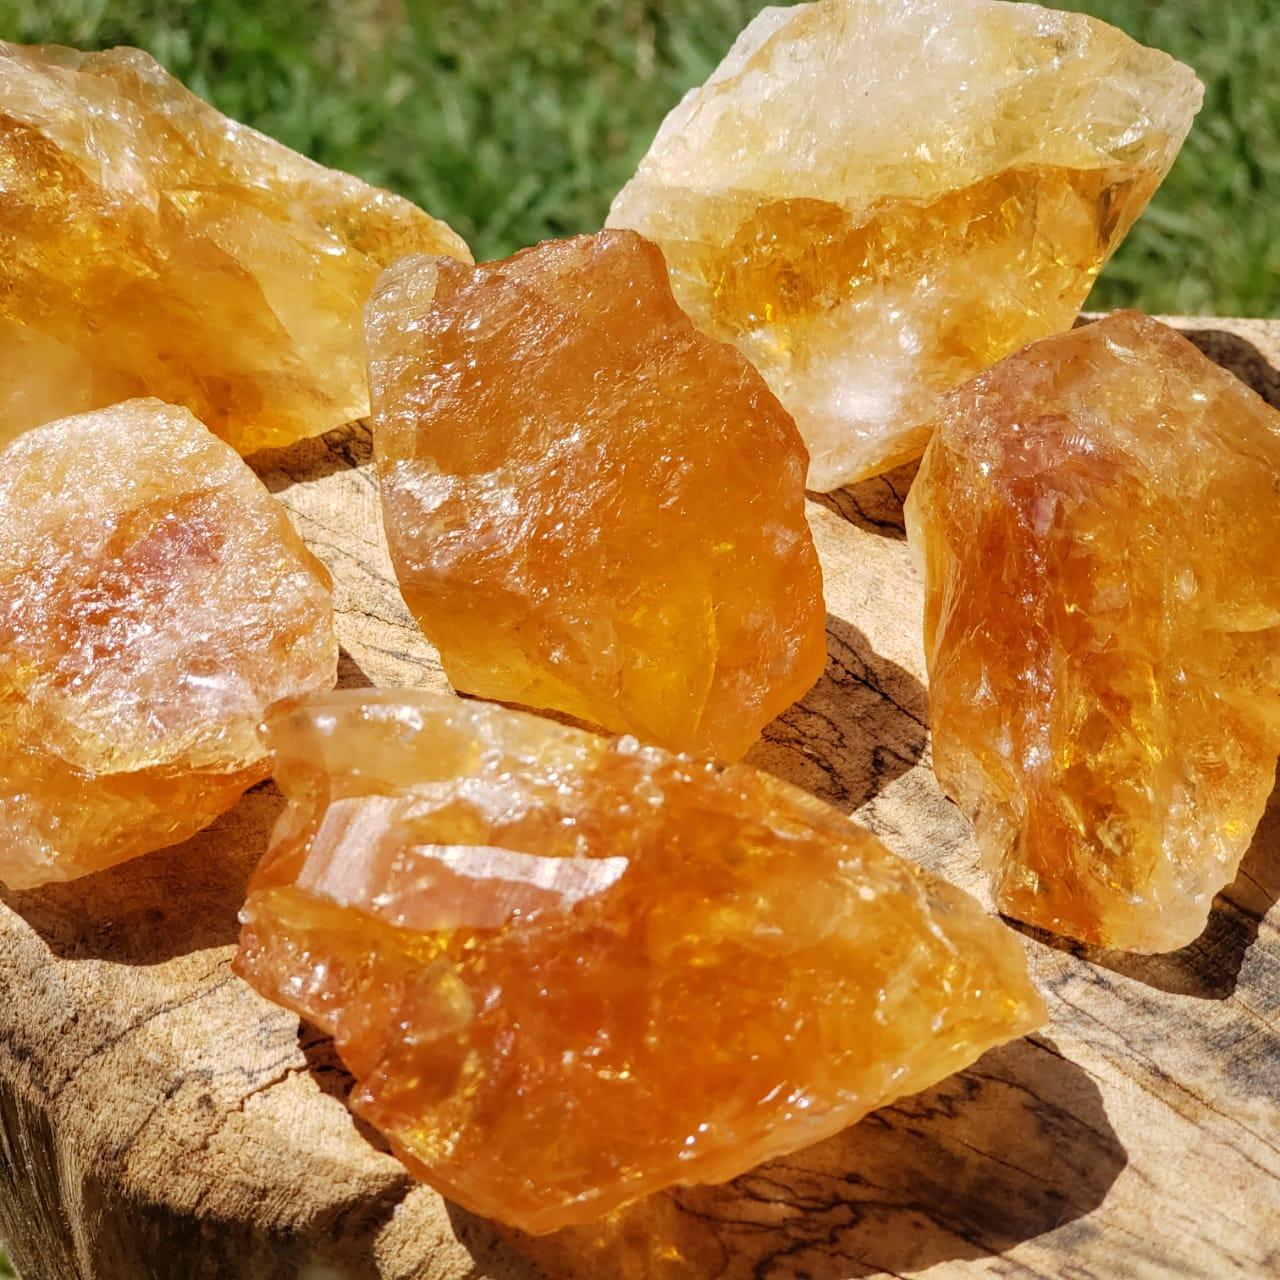 Cristal - Bruta - Citrino Alta Qualidade